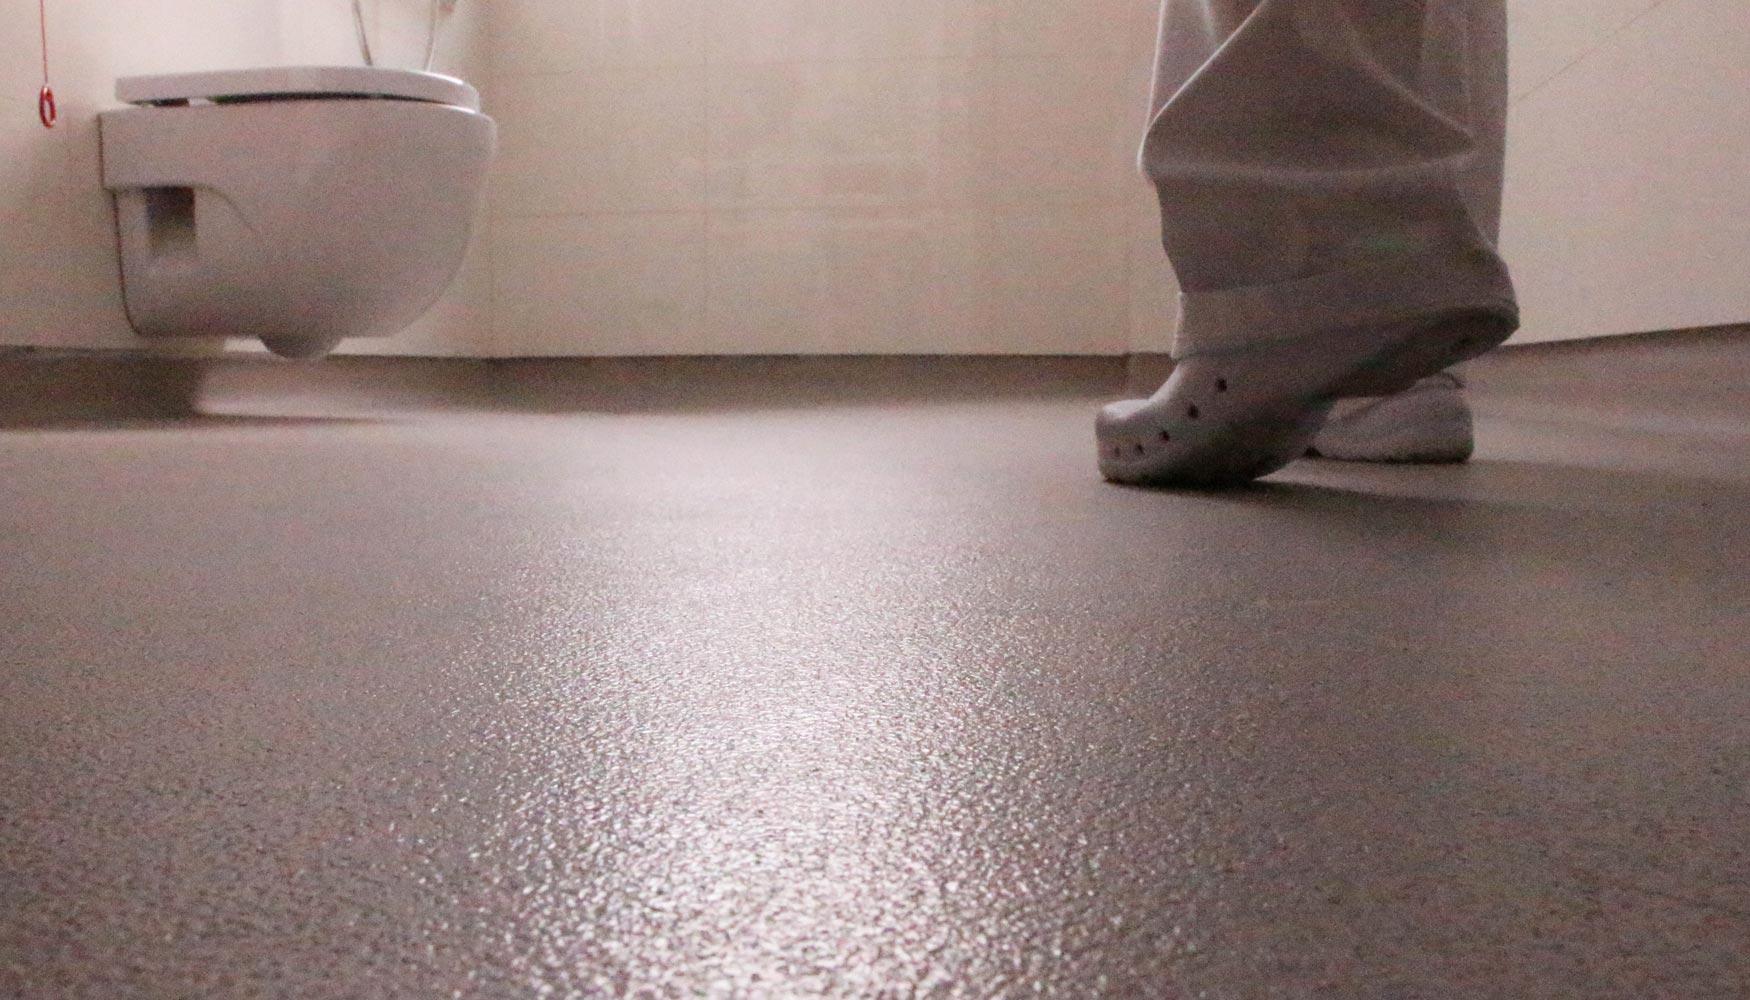 Casa Vapor Gran M Tua Terrassa Elige Suelos Altro Para Sus Ba Os  ~ Suelos Antideslizantes Para Cuartos De Baño